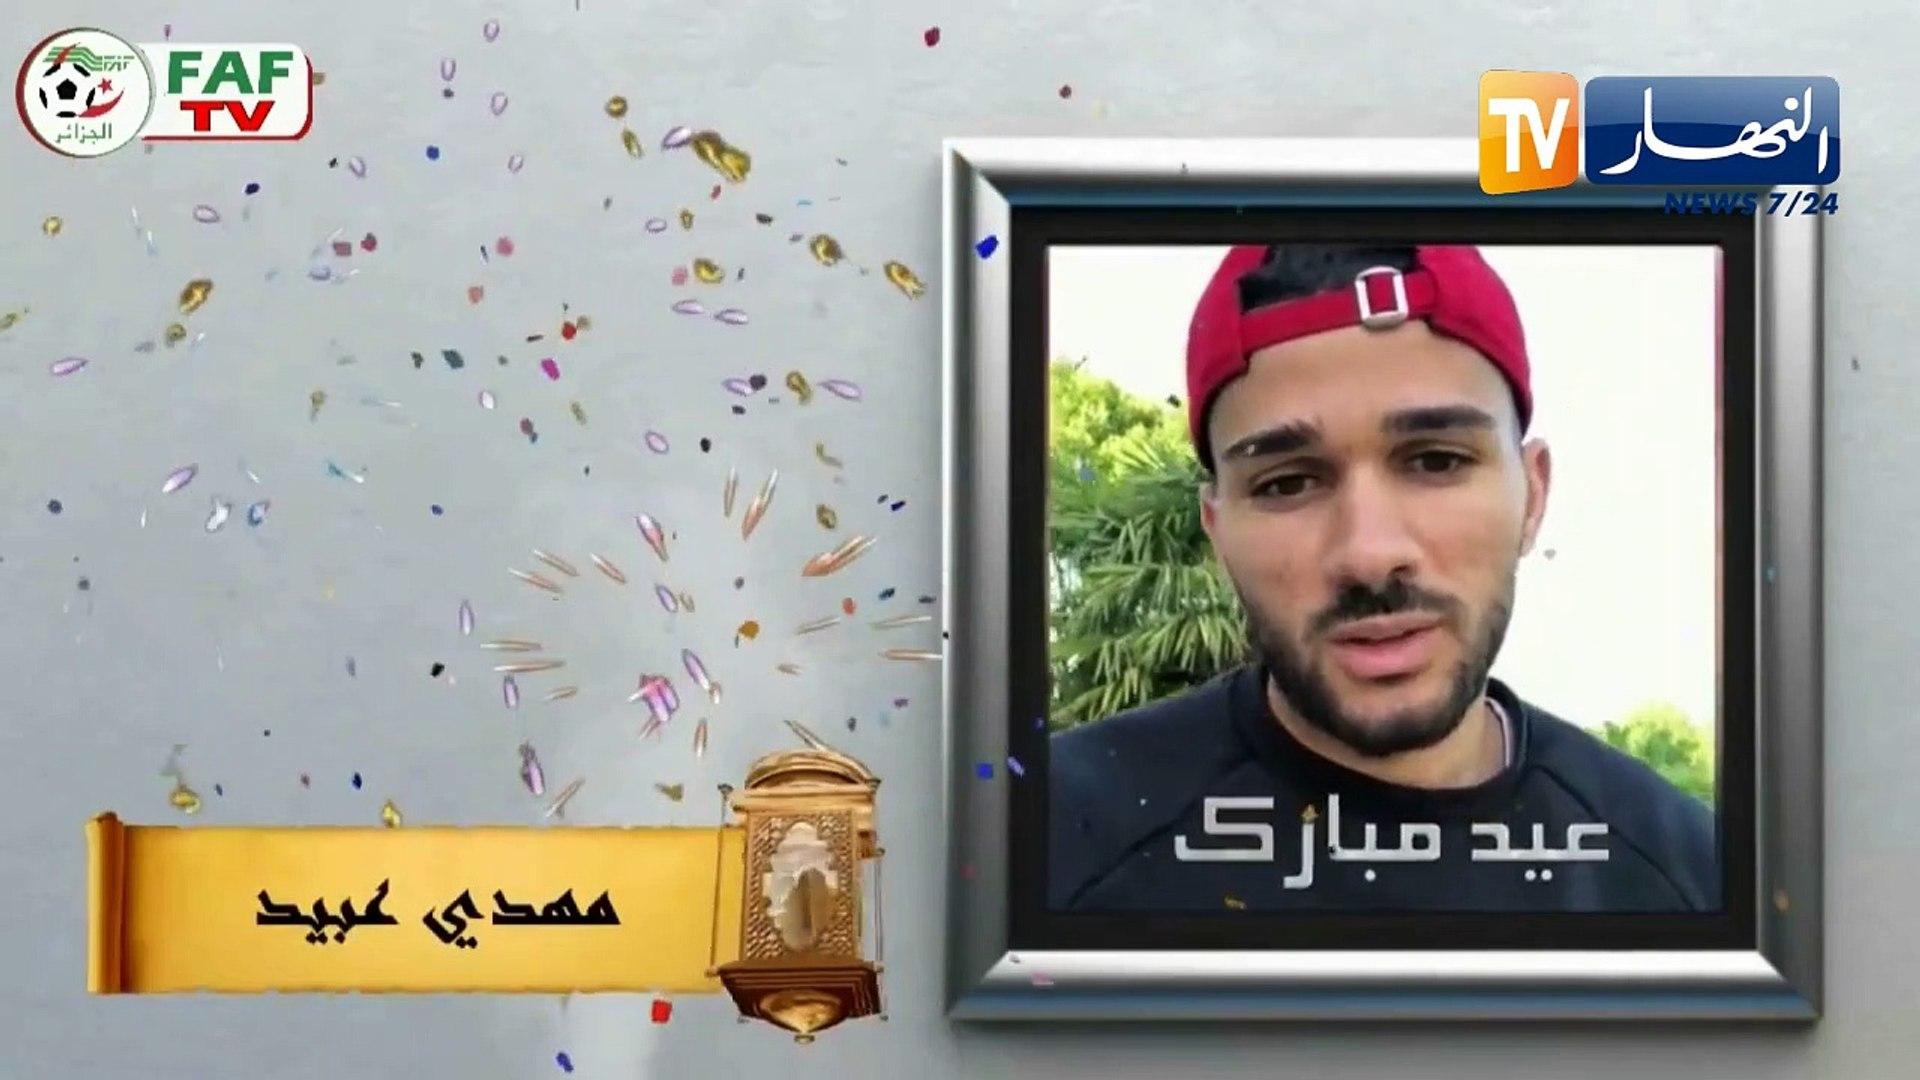 النهار ترندينغ: هكذا قضى الشعب الجزائري والأمة الإسلامية عيد الفطر في ظل جائحة كورونا